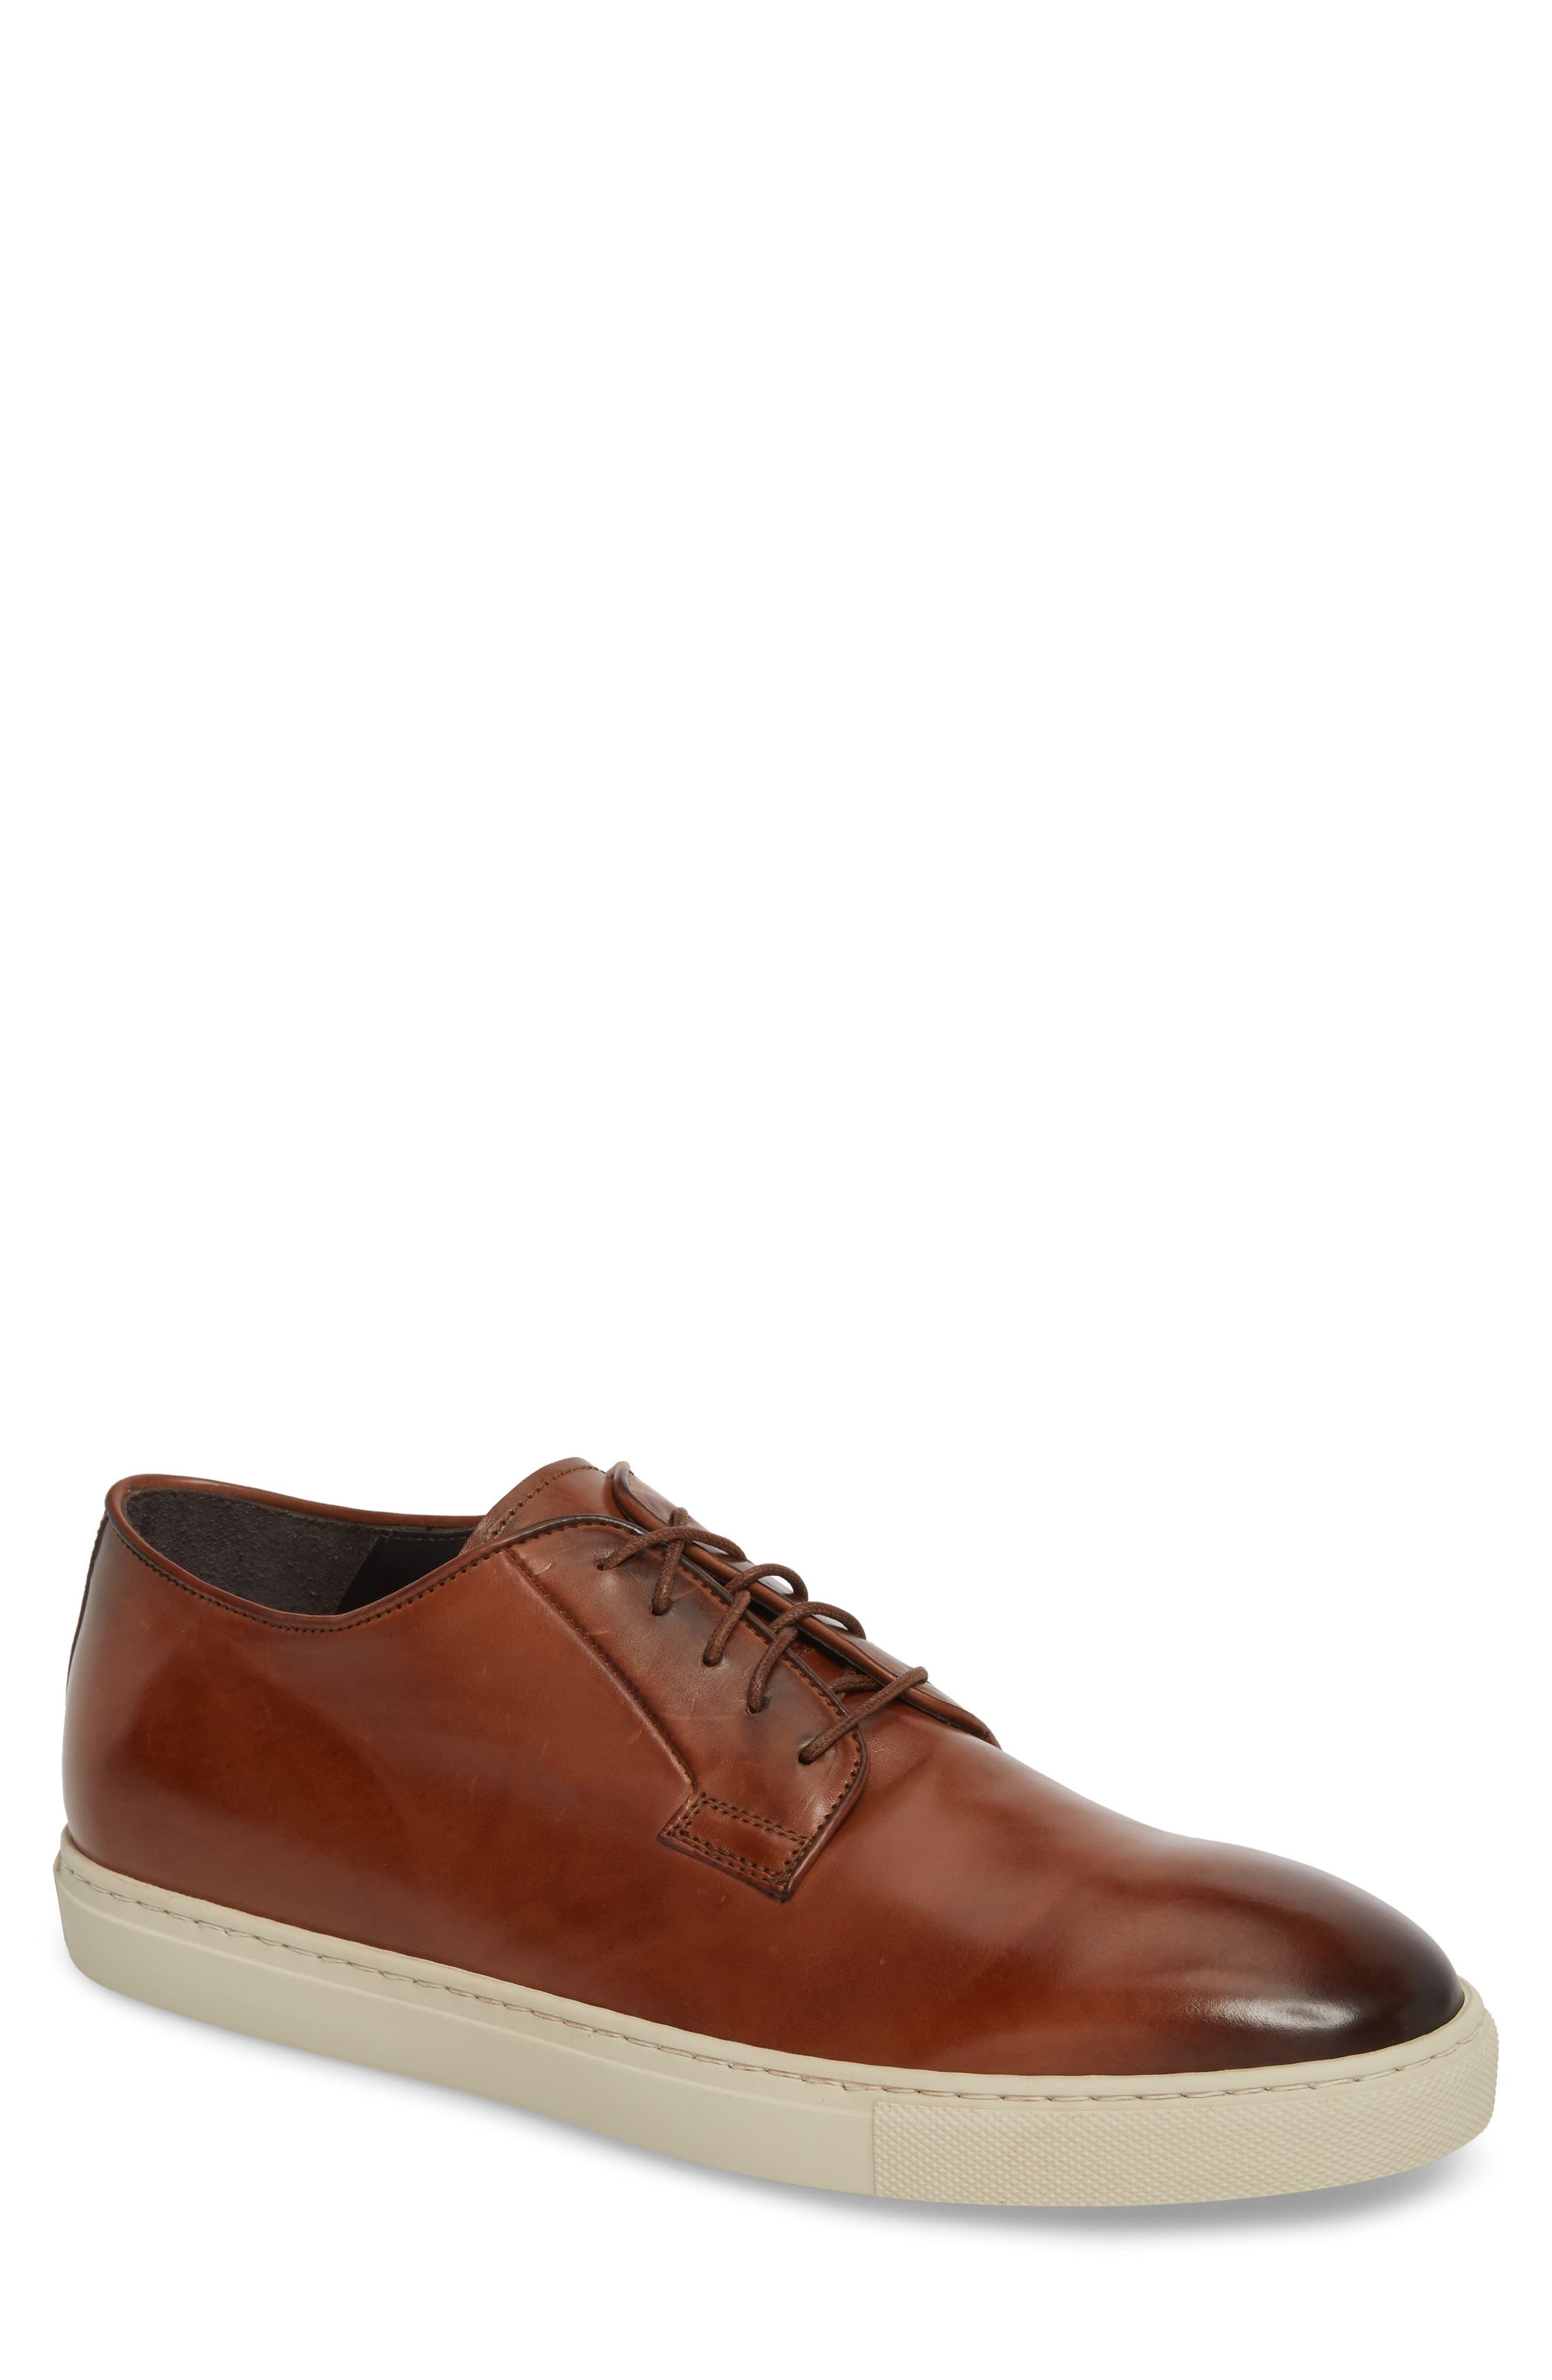 Plain Toe Derby Sneaker,                             Main thumbnail 1, color,                             Diver Tan Leather